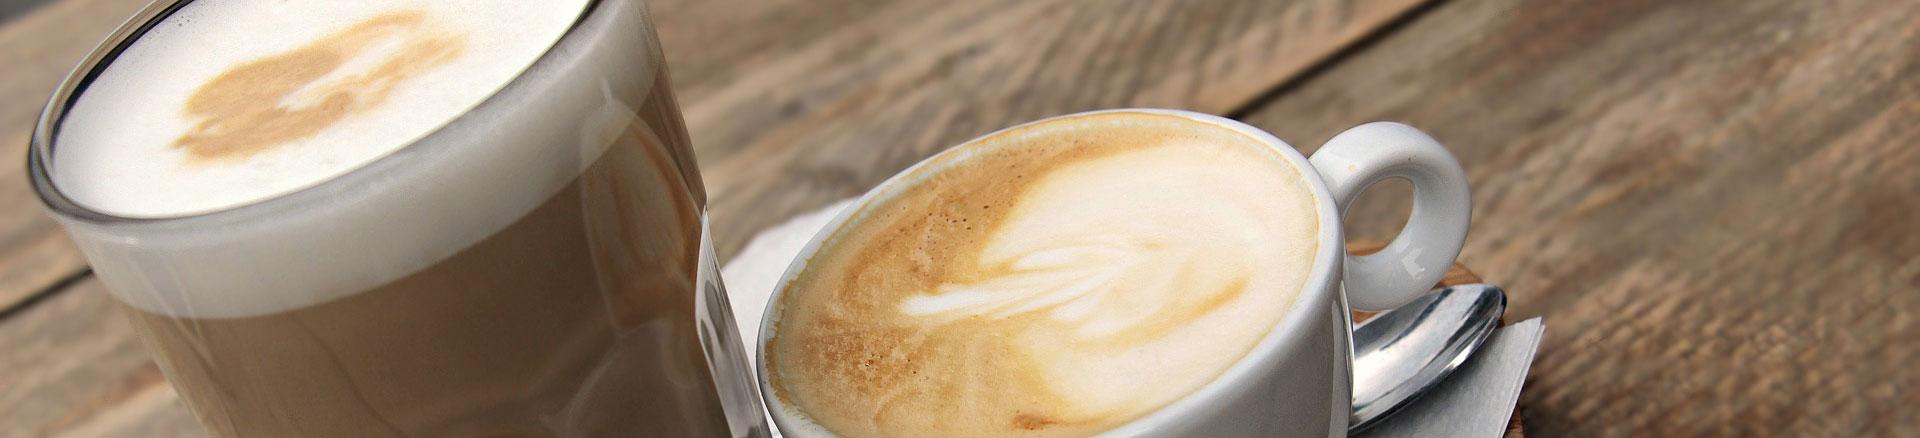 Verschil latte macchiato en cappuccino